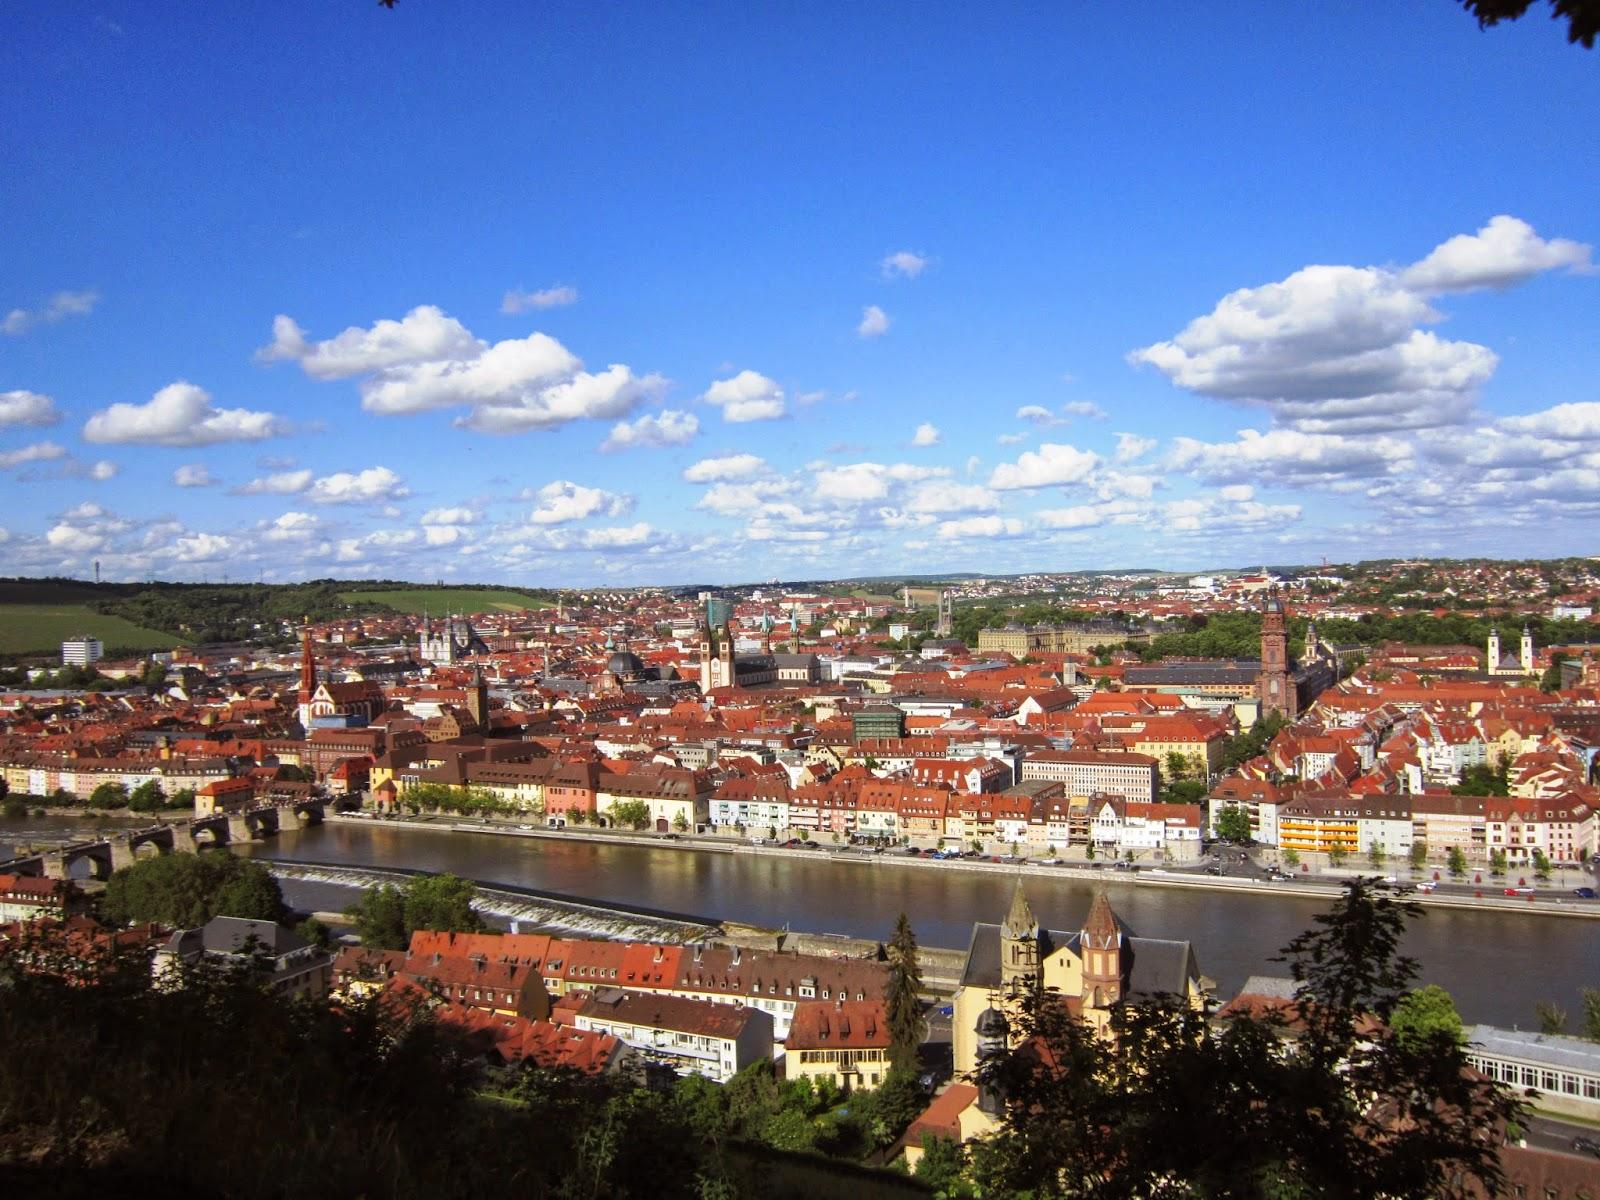 Vistas de Würzburg desde el castillo de Marienberg